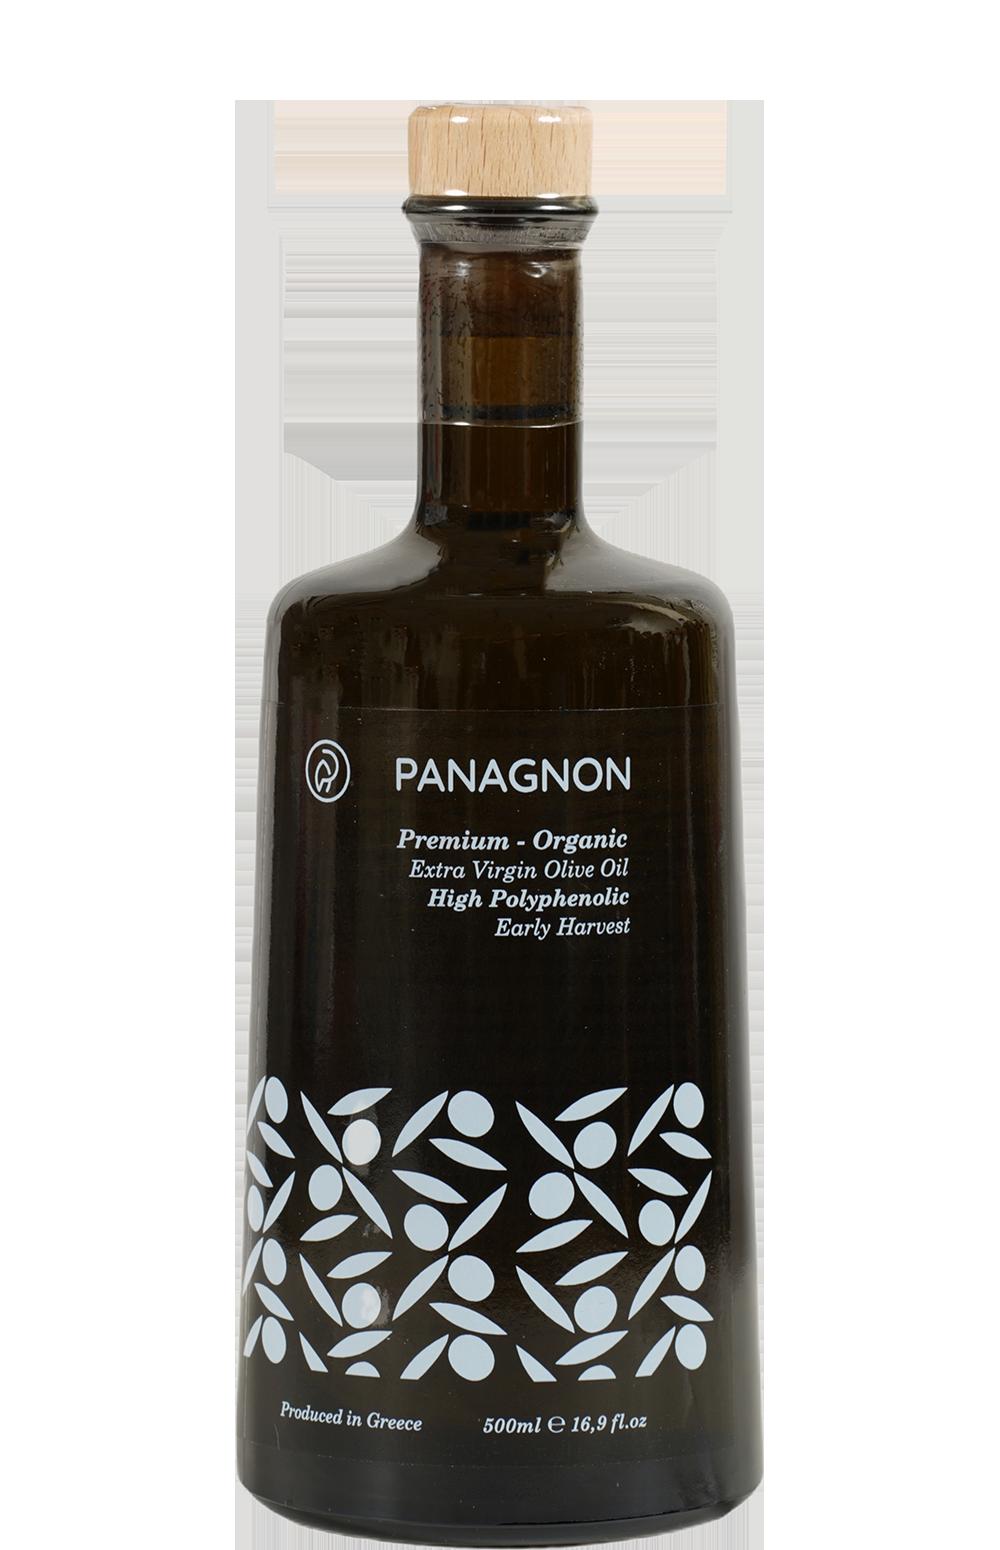 Panagnon